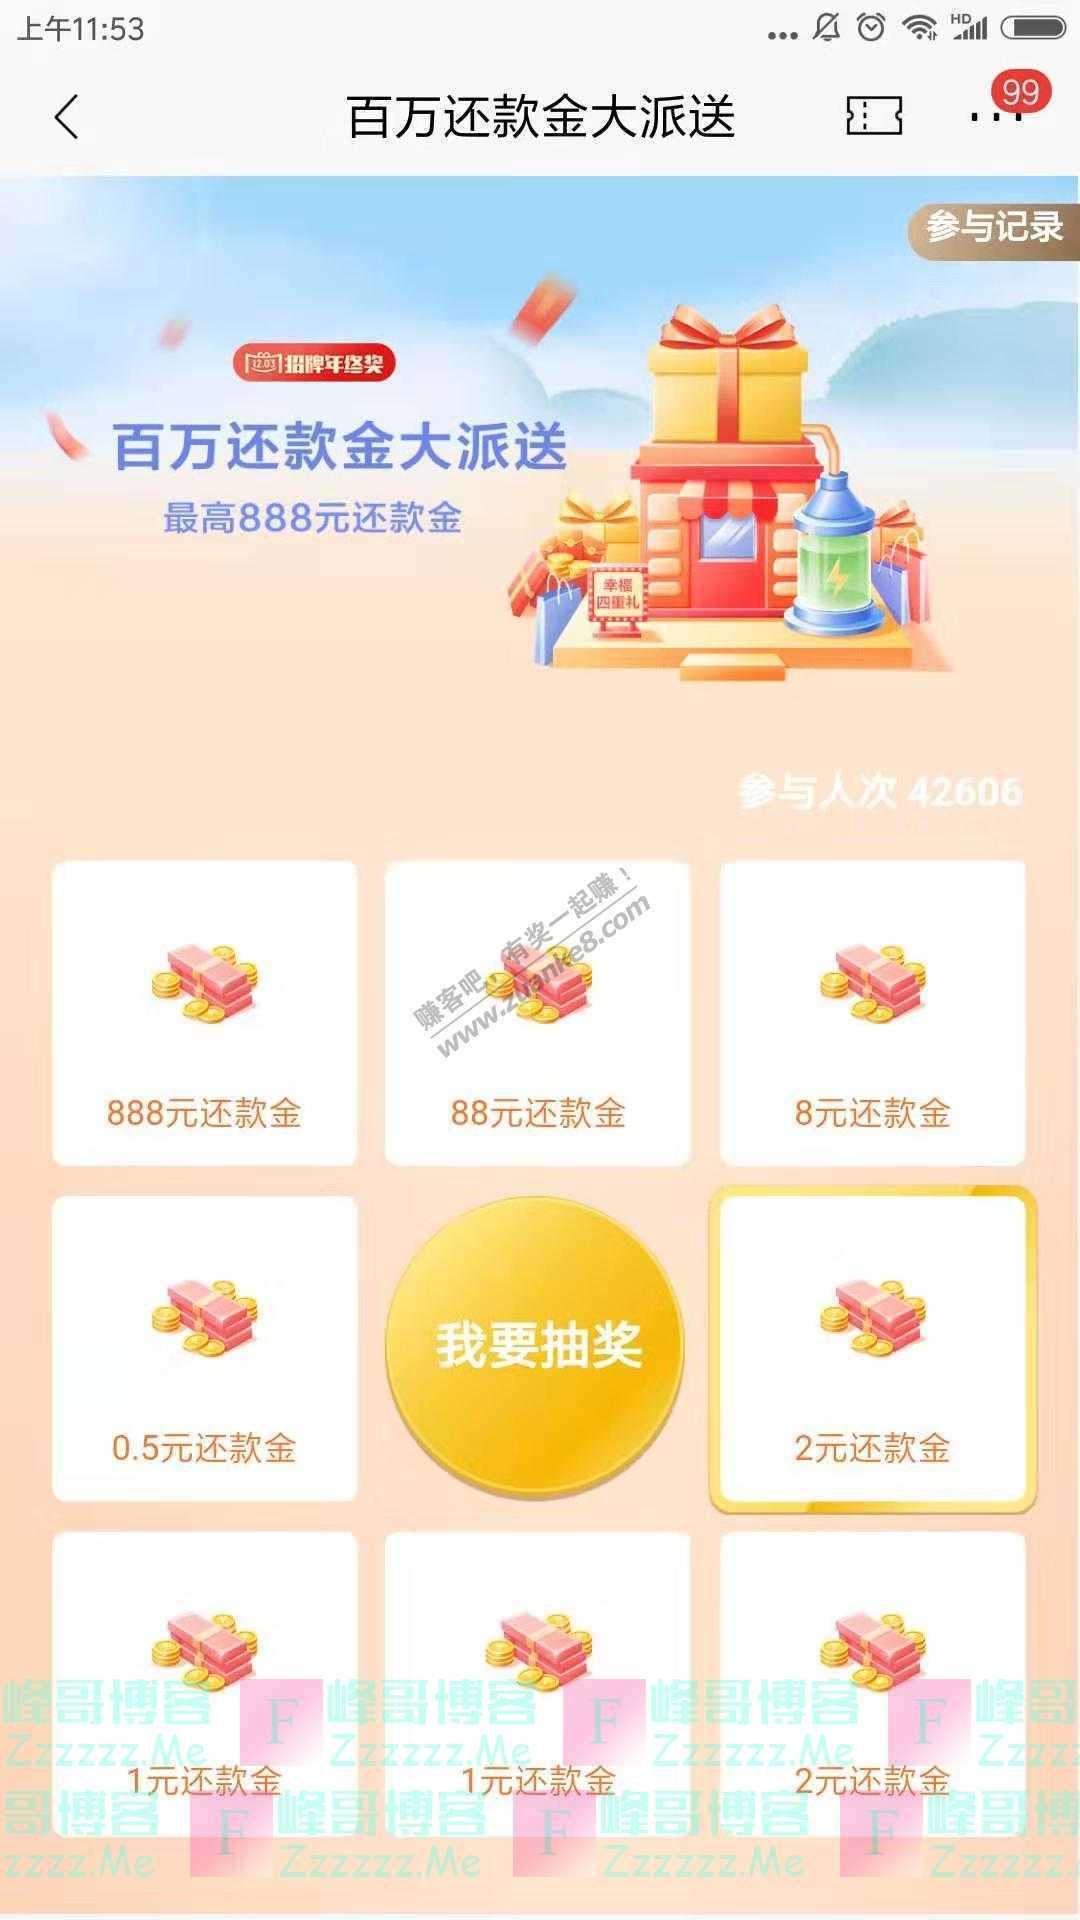 招商银行app百万还款金大派送(截止12月31日)